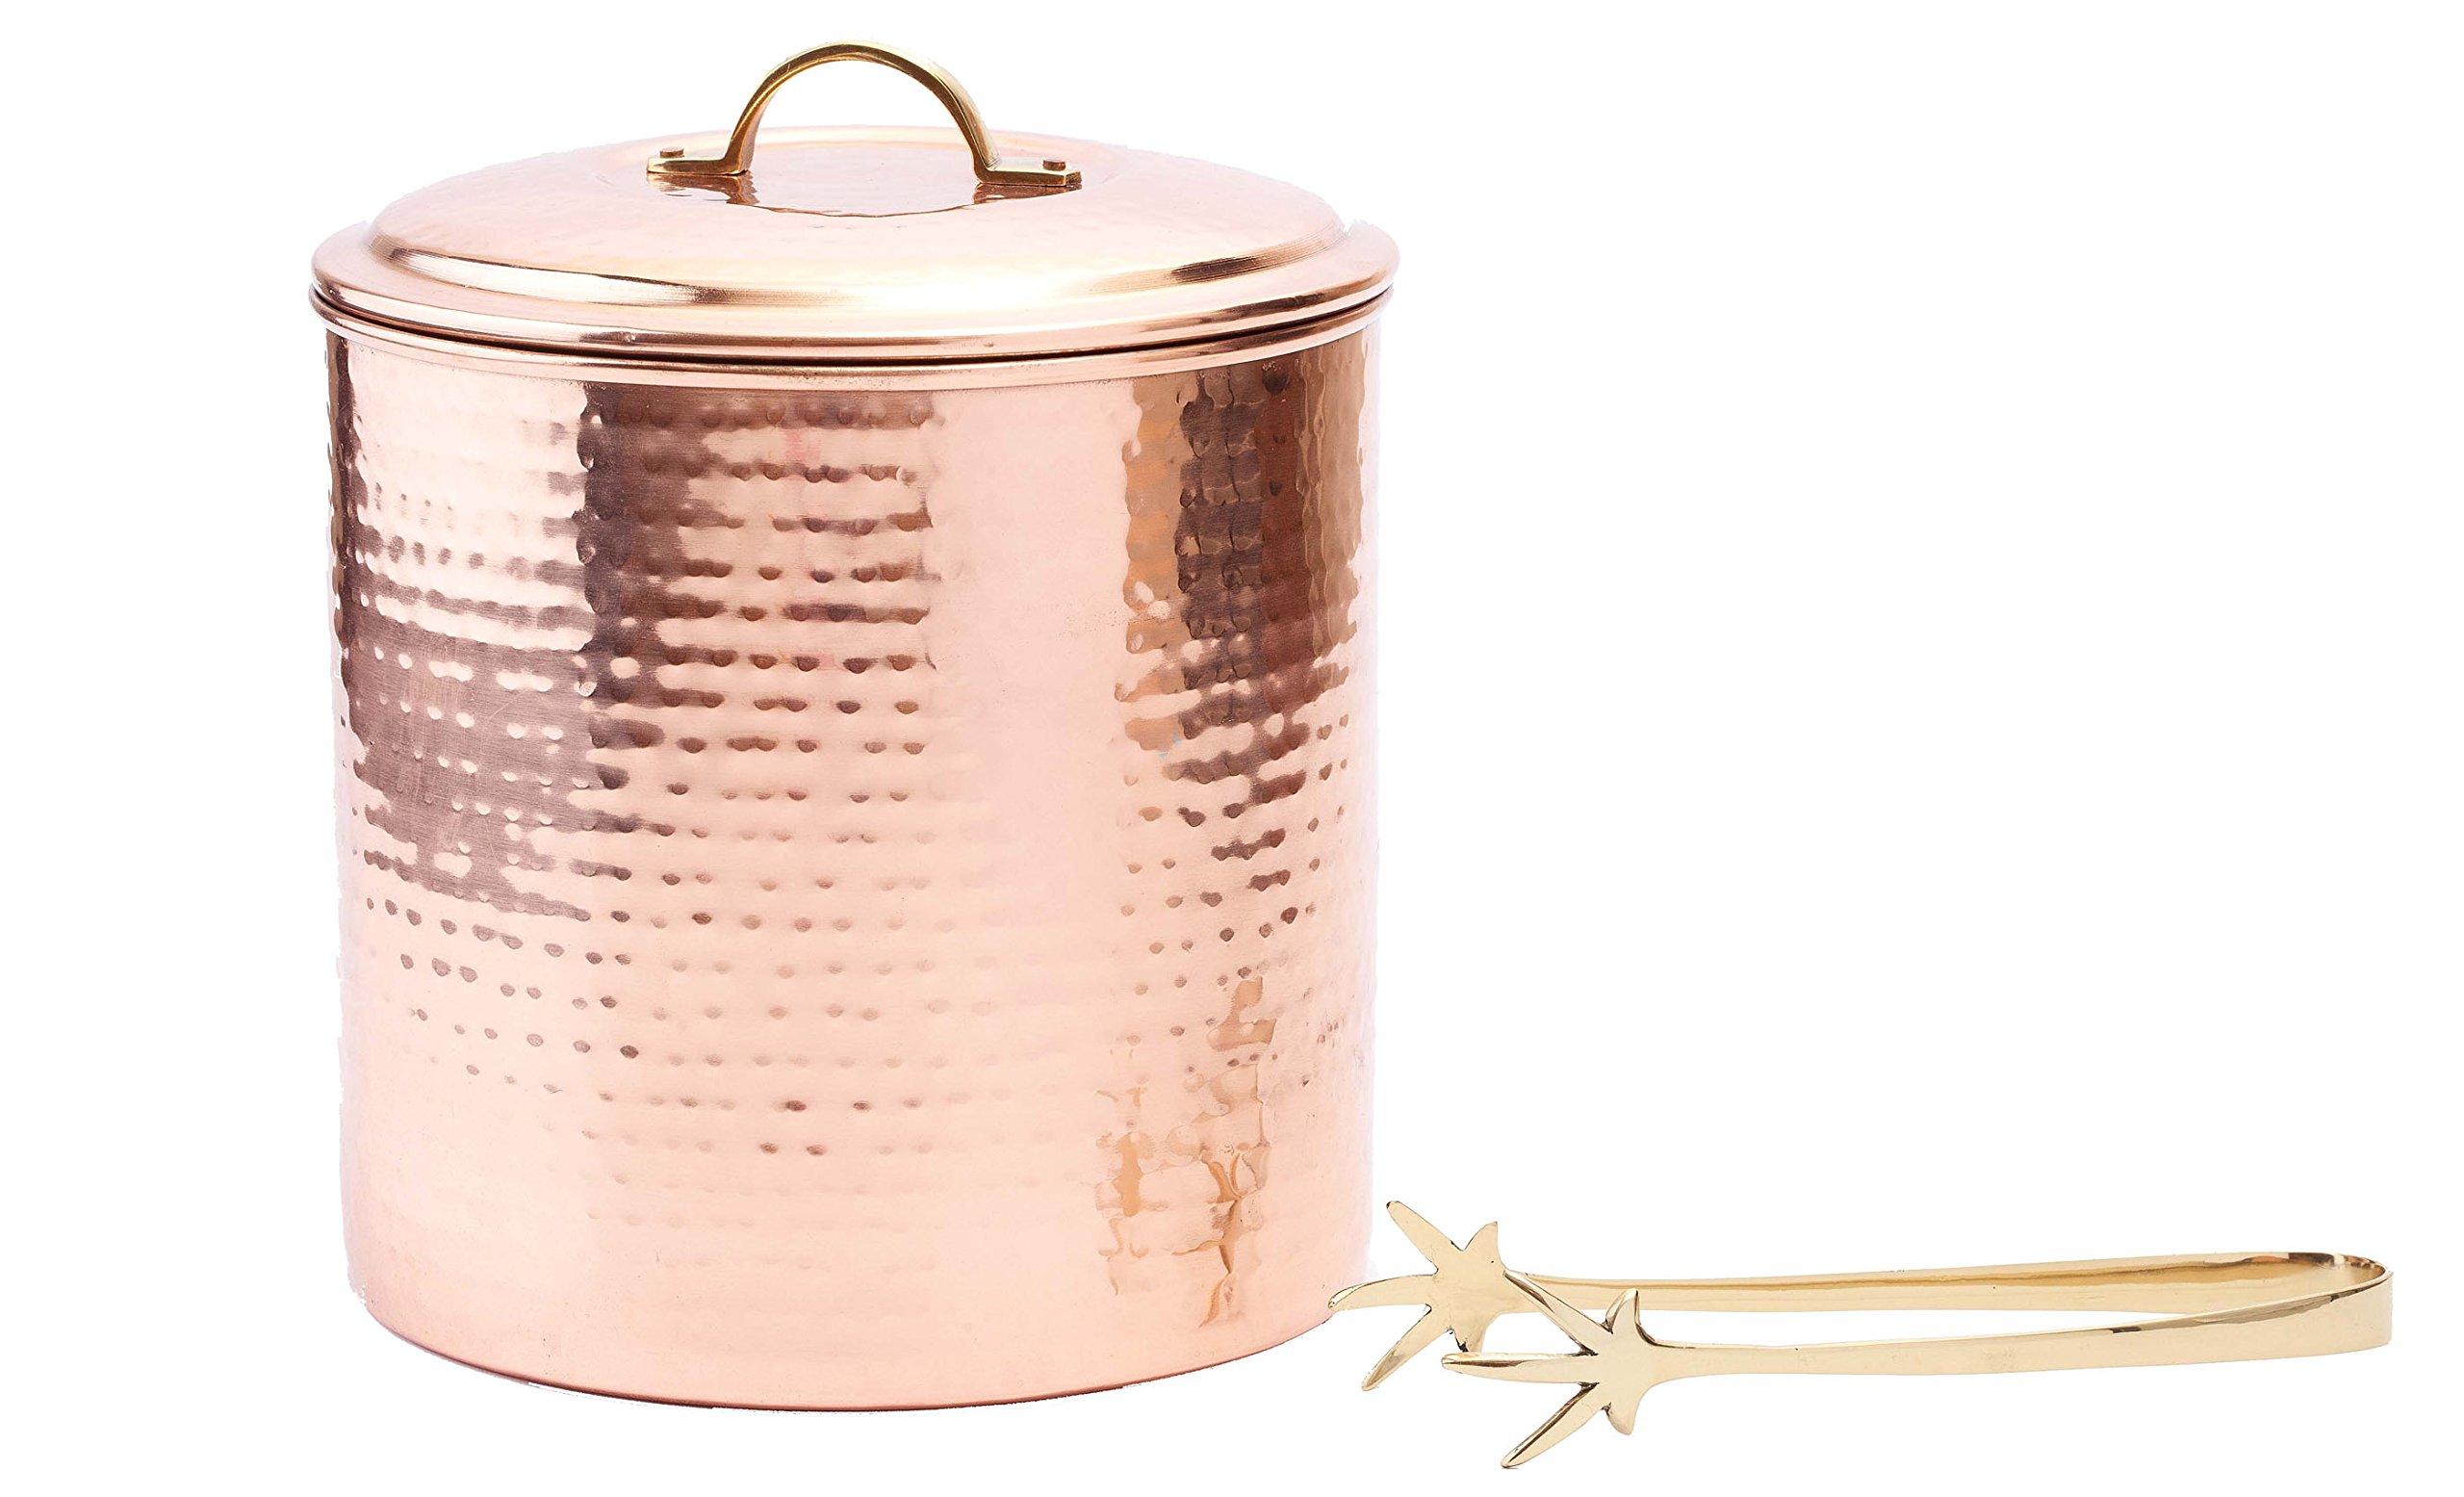 Old Dutch International 876 Old Dutch Ice Bucket, 3 quart, Copper by Old Dutch